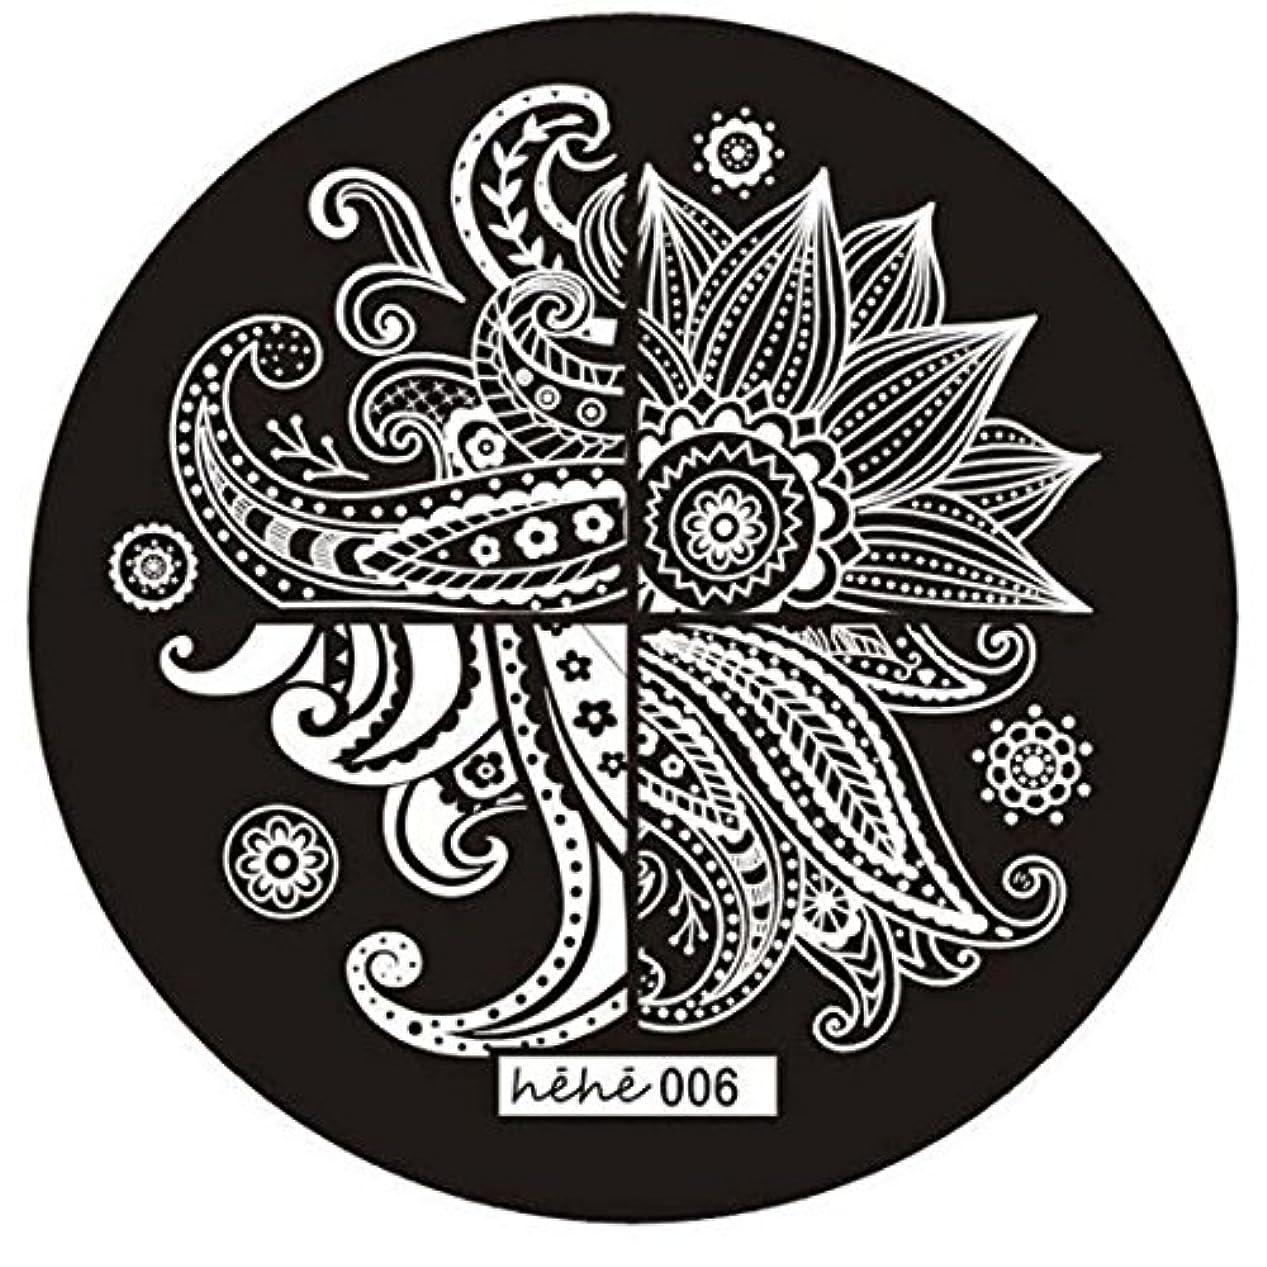 ウェイド不測の事態歪めるACAMPTAR 女の子のネイルアートパターンのイメージスタンプ プレートテンプレートマニキュア006